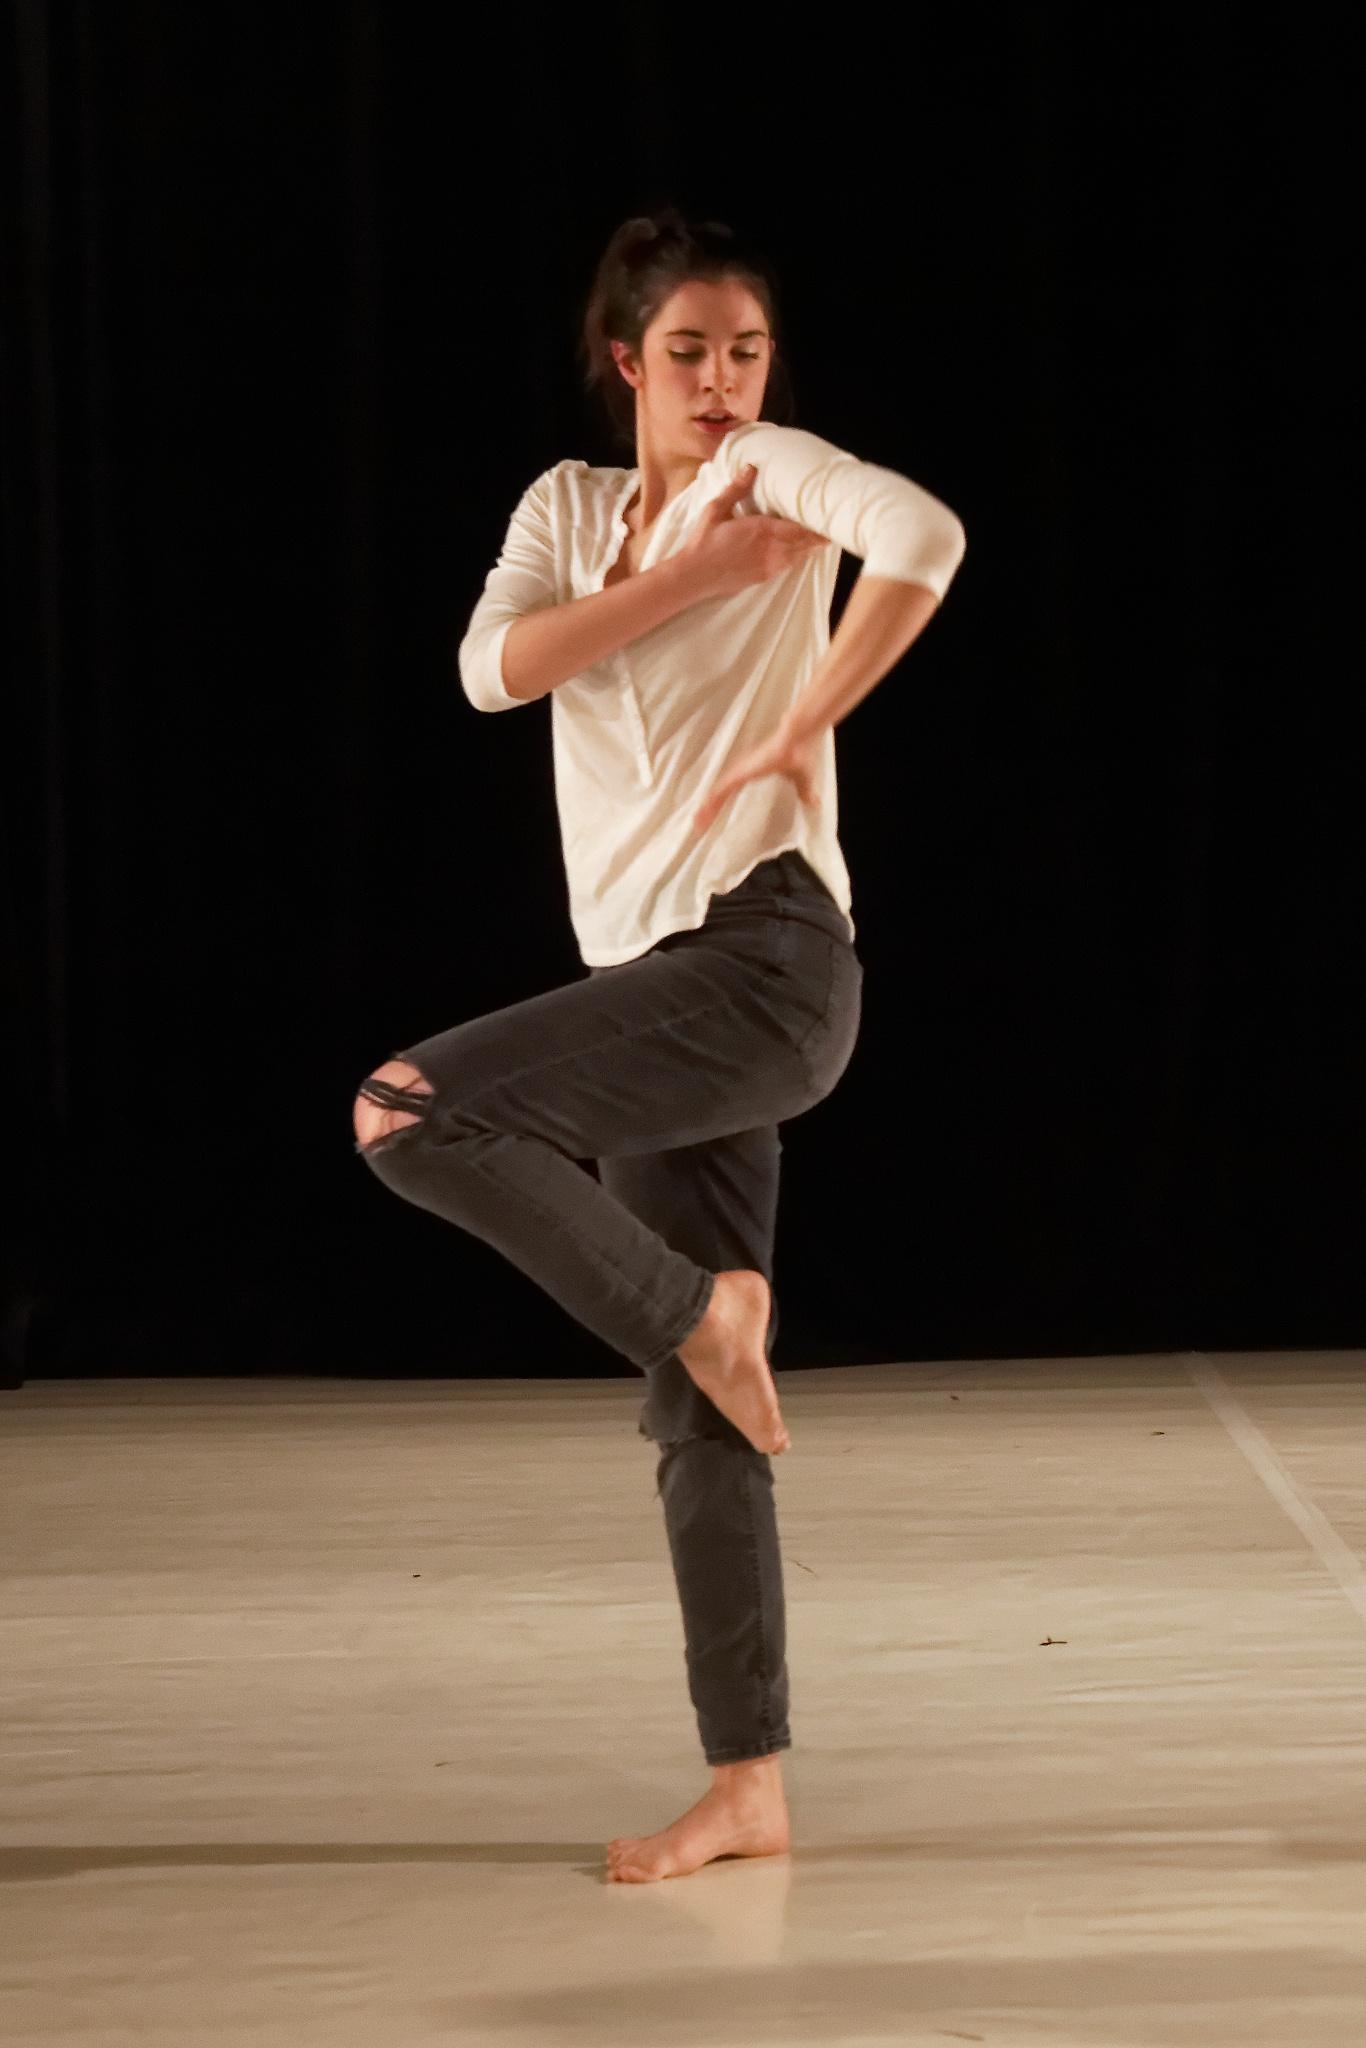 I can dance by mrobi55